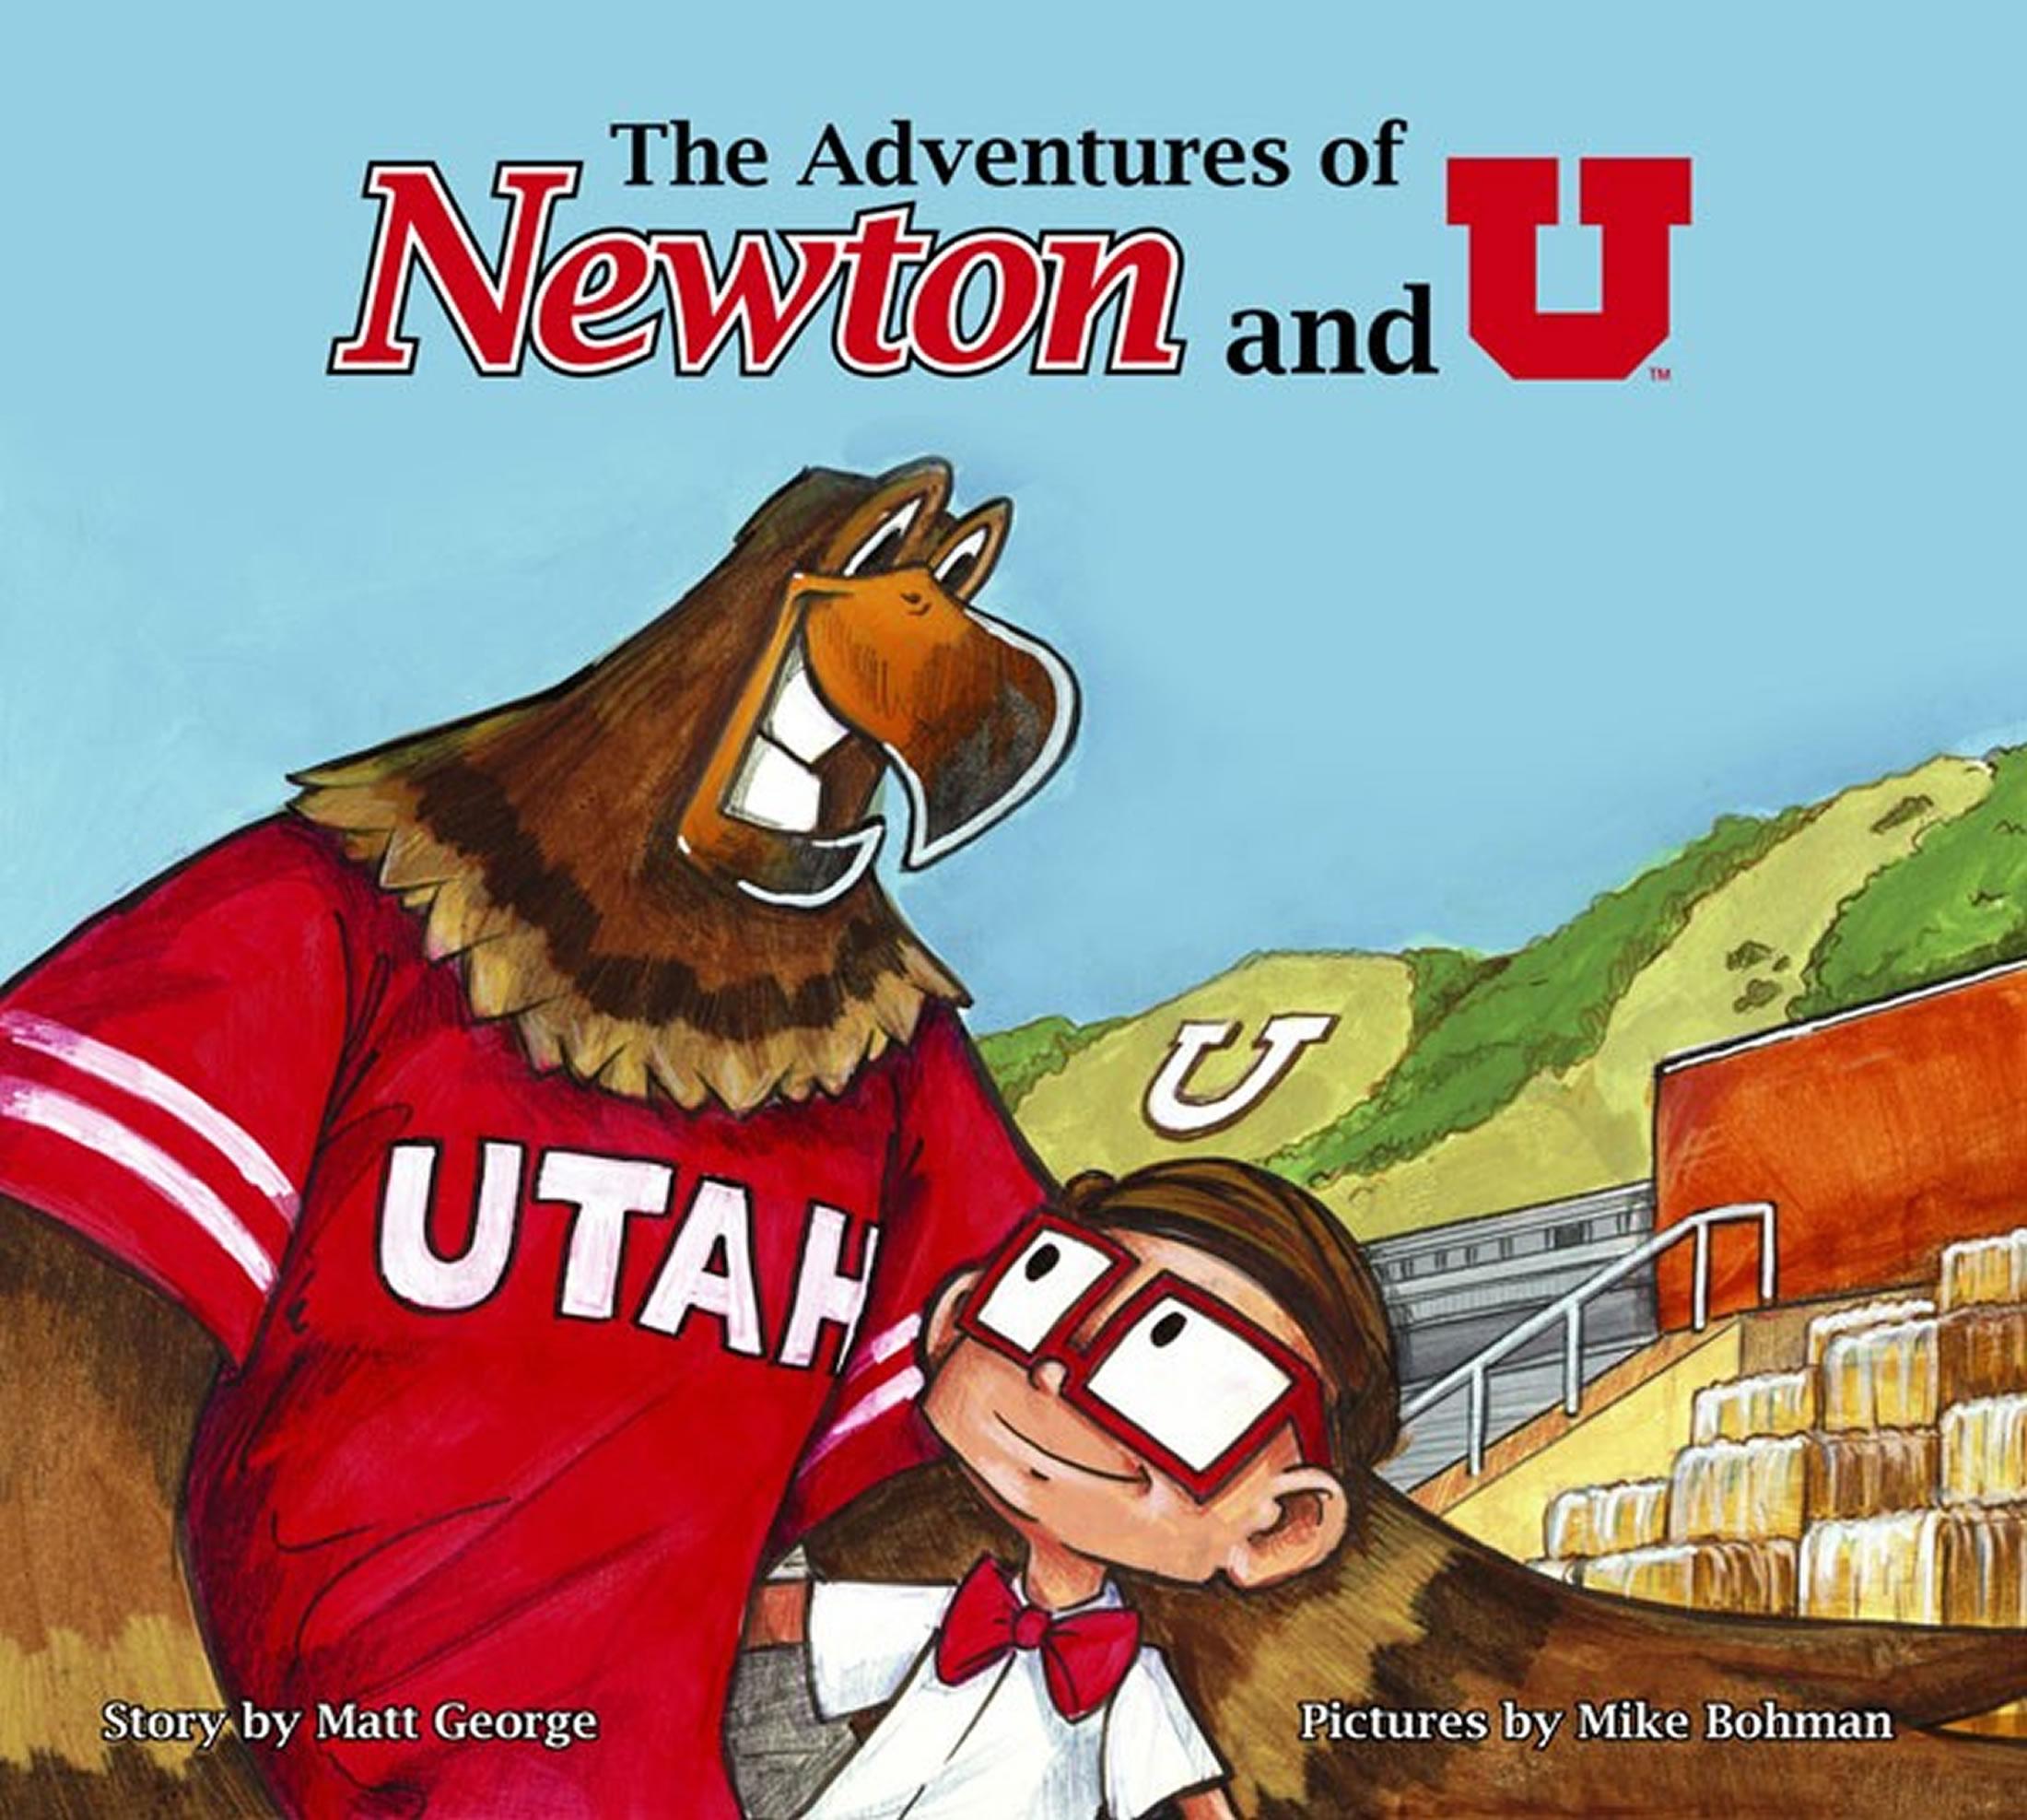 The Adventures of Newton & U